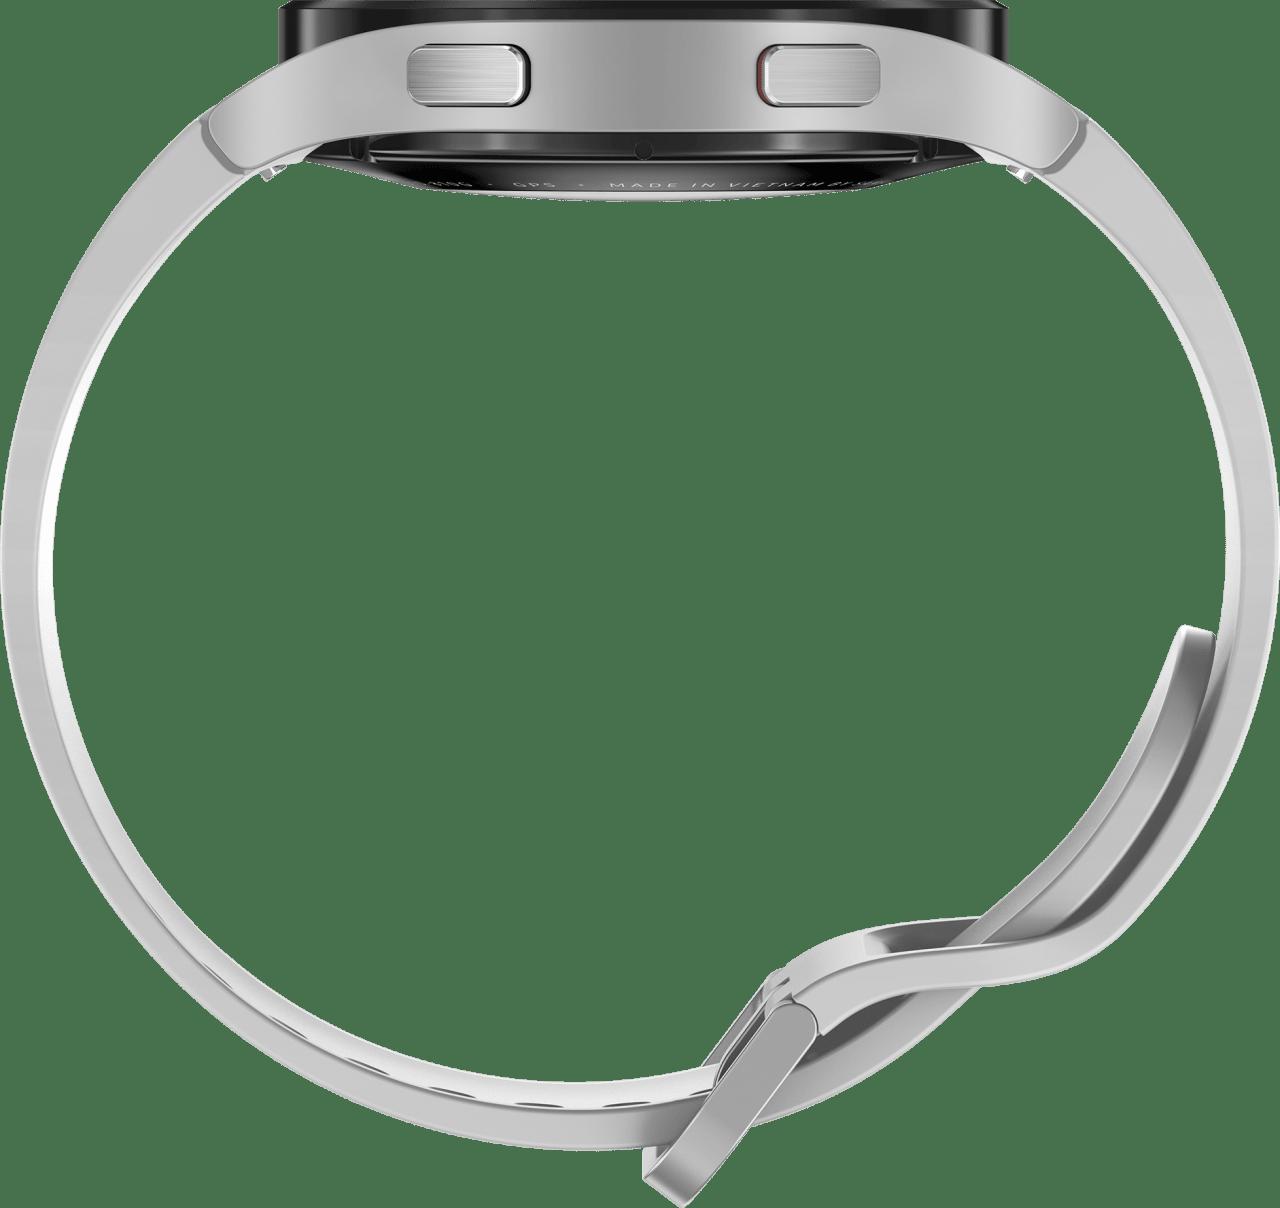 Plata Samsung Galaxy Watch4 LTE, 44mm.3